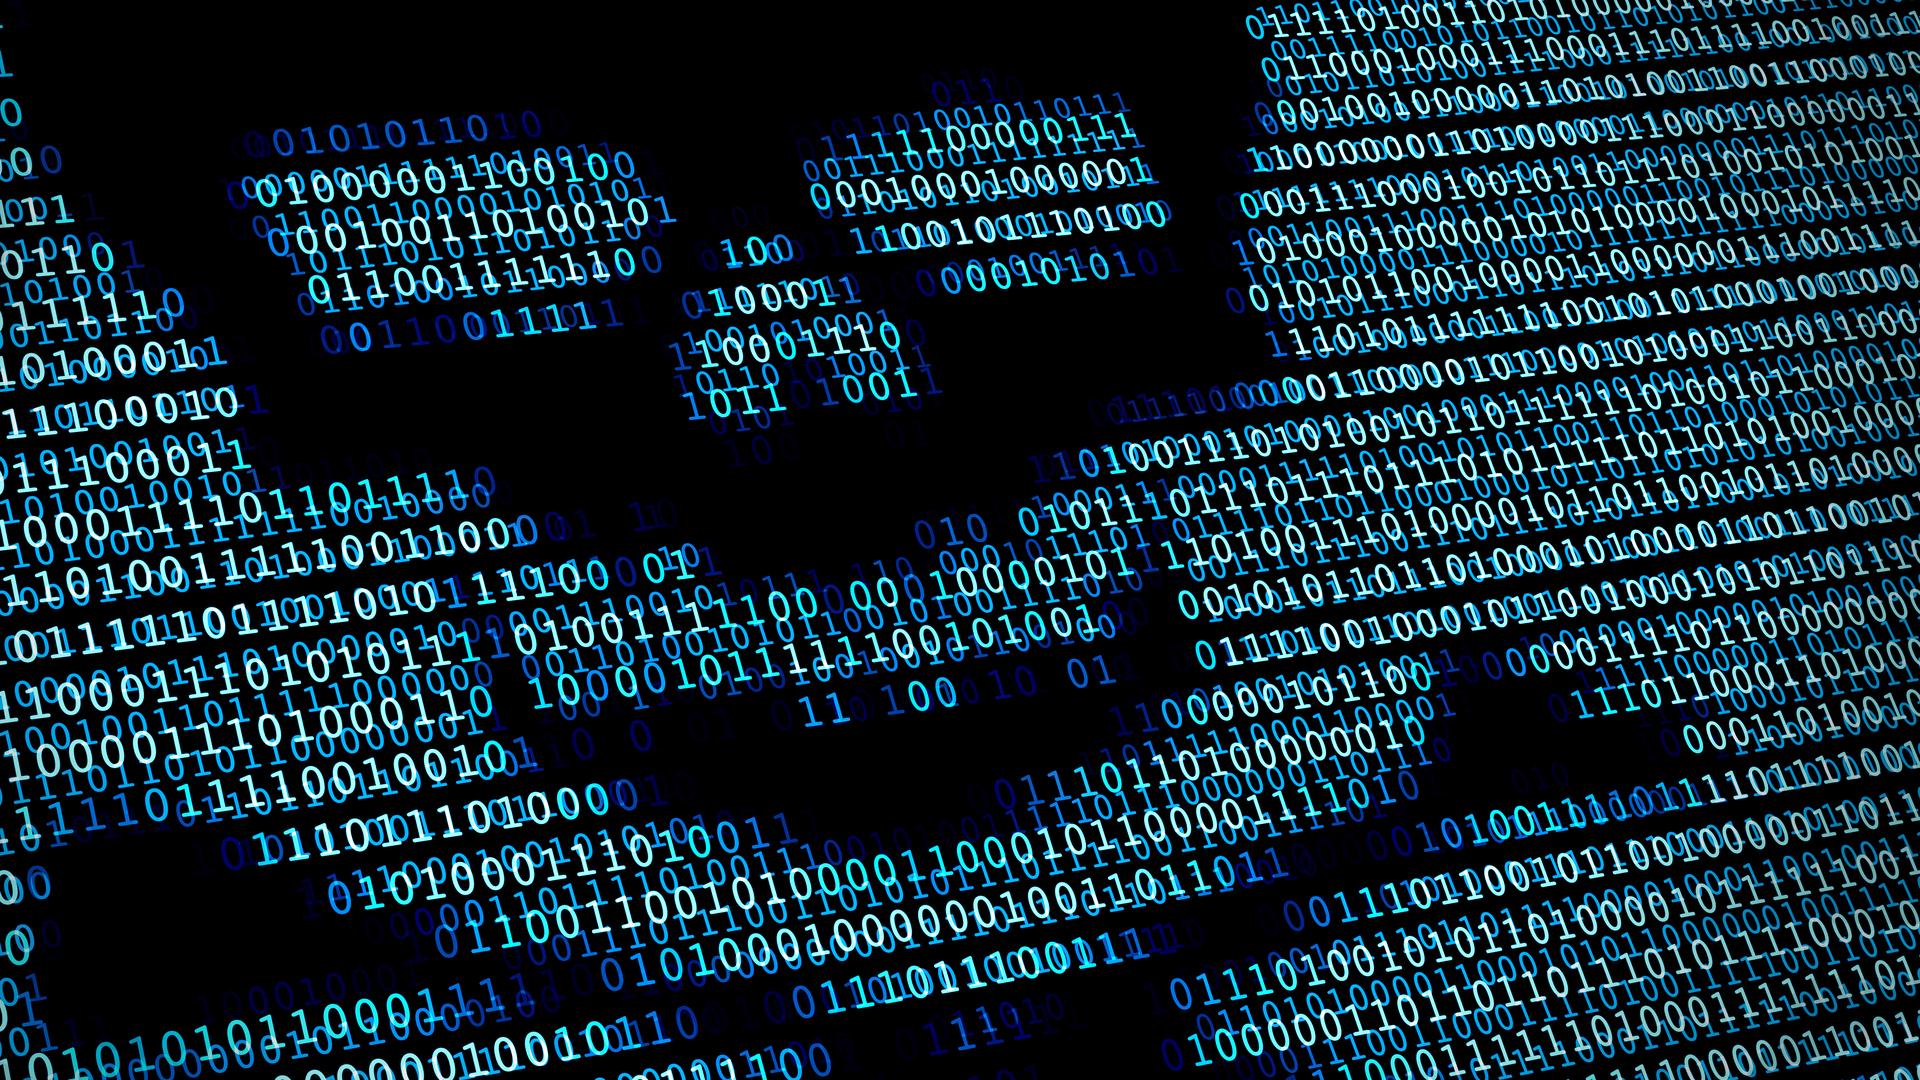 Novo vírus vazou senha de 40 mil brasileiros, diz empresa de cibersegurança